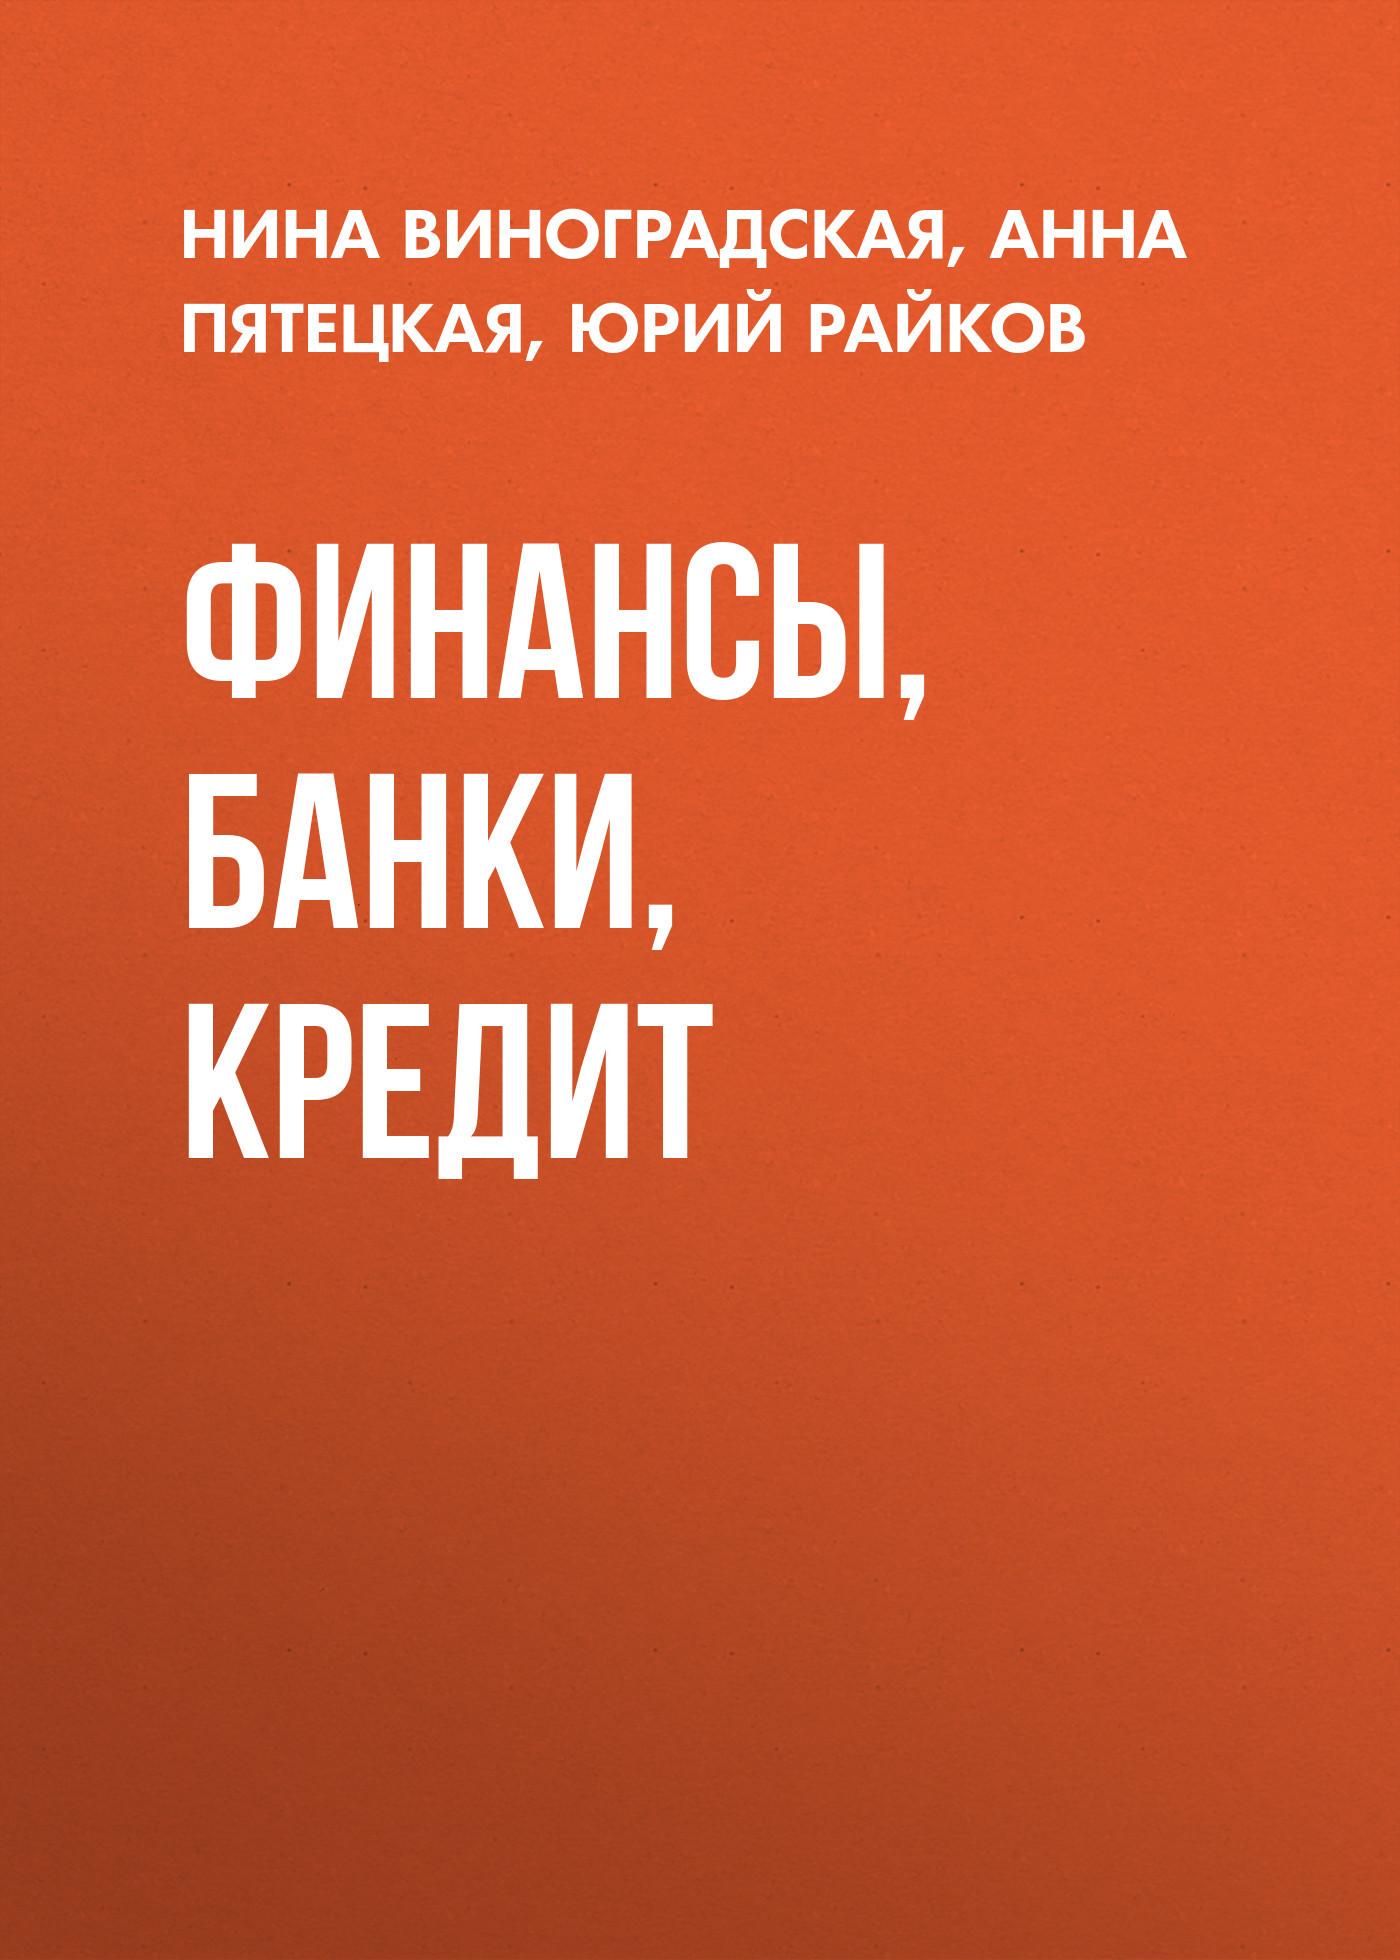 Нина Виноградская. Финансы, банки, кредит